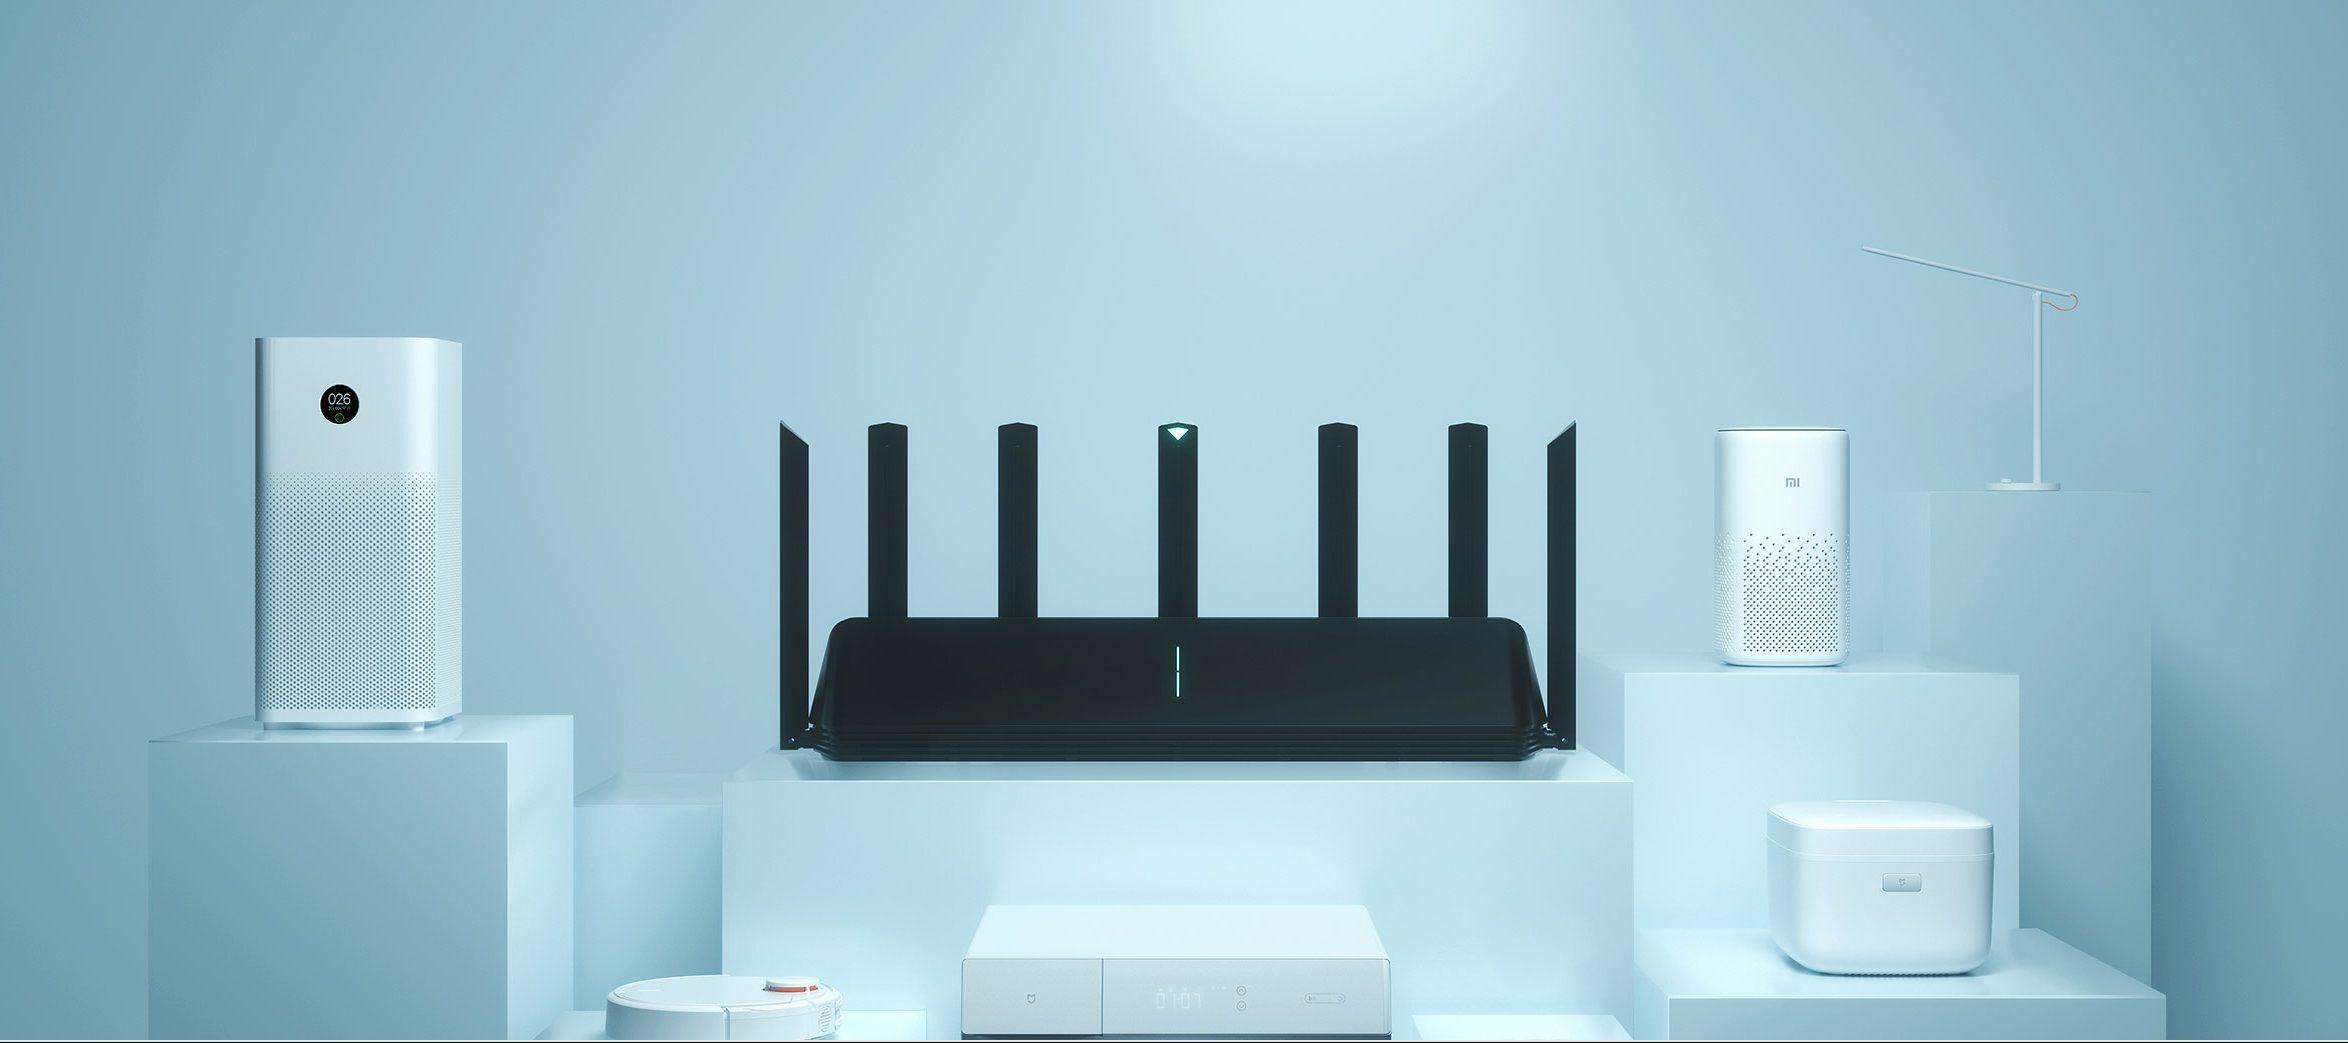 El router más avanzado de Xiaomi con WiFi 6 ya está disponible en Amazon. Noticias Xiaomi Adictos